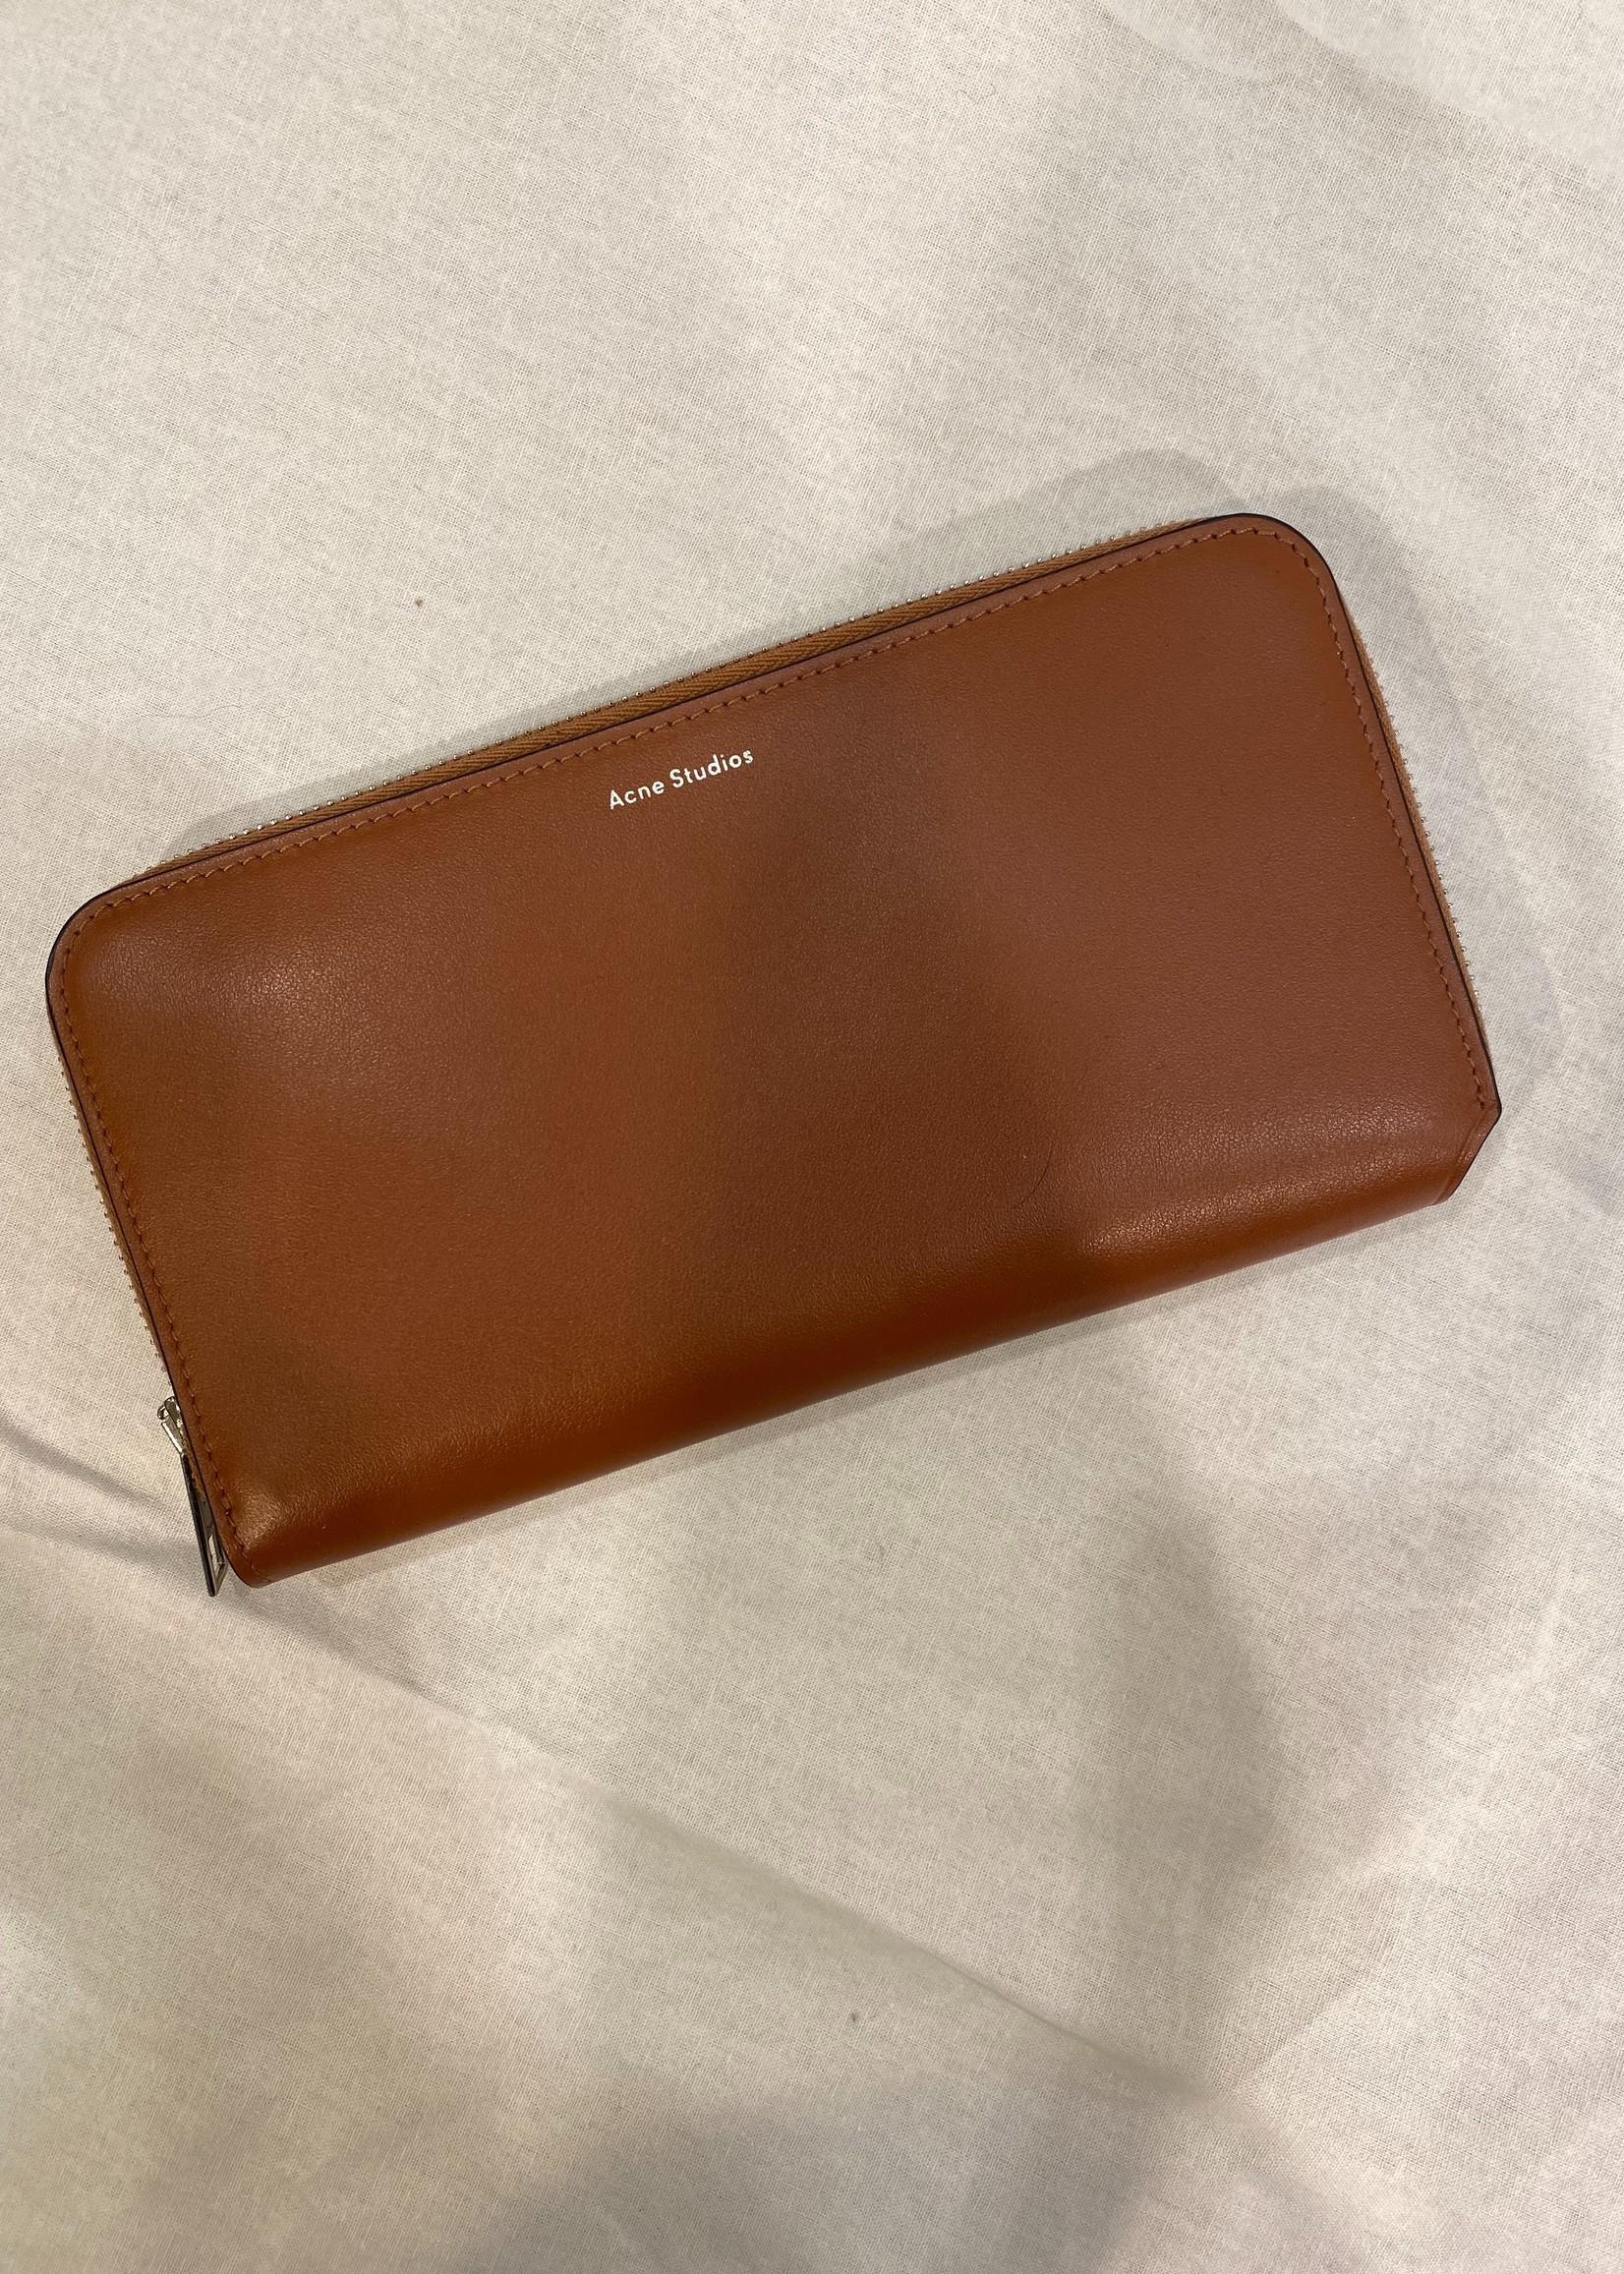 Acne Studios acnestudios wallet camel leather